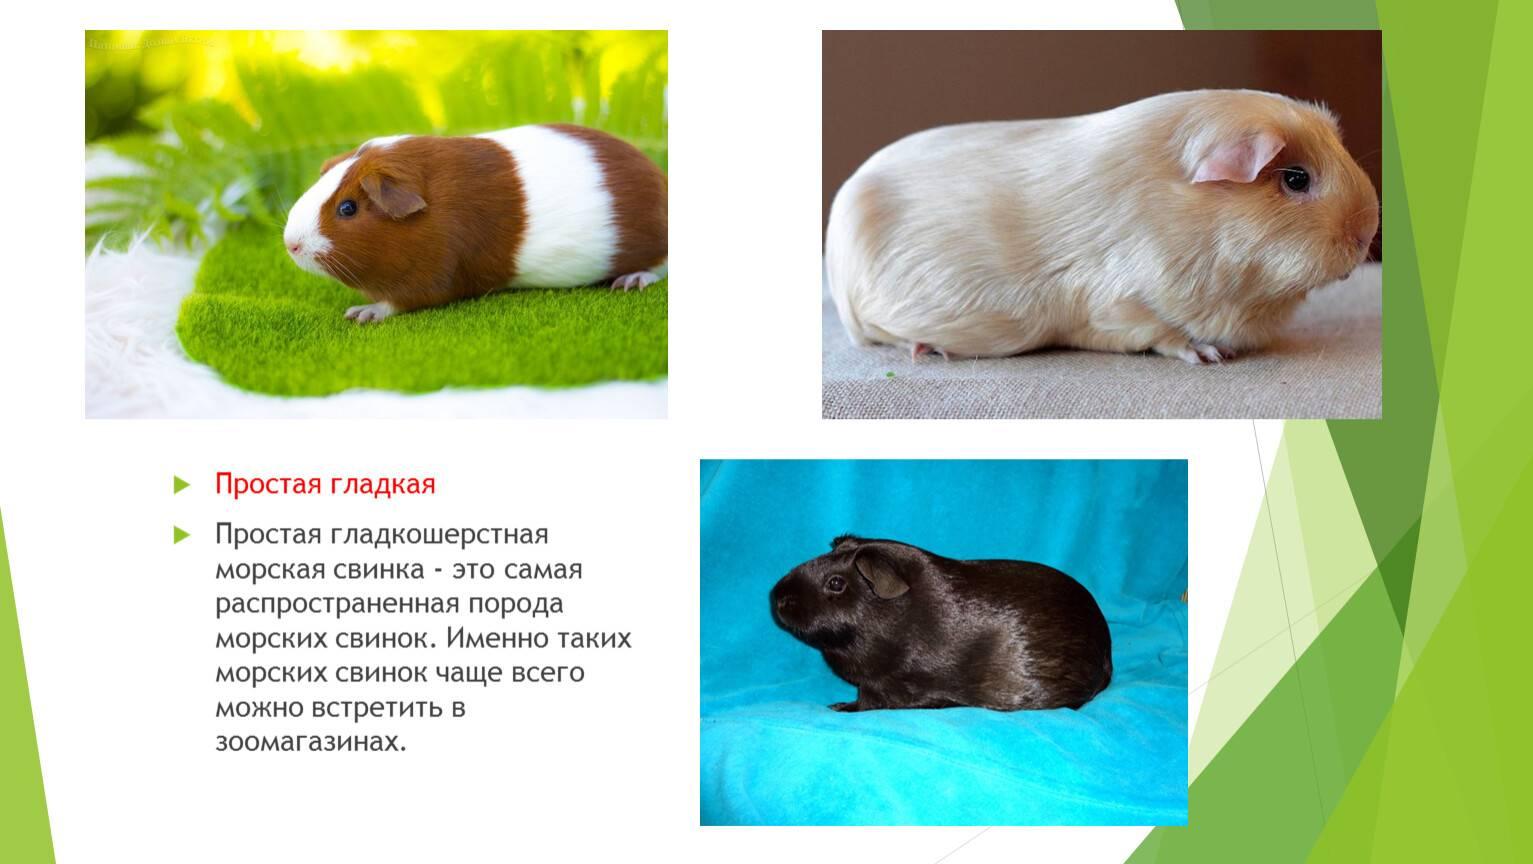 Продолжительность жизни морских свинок